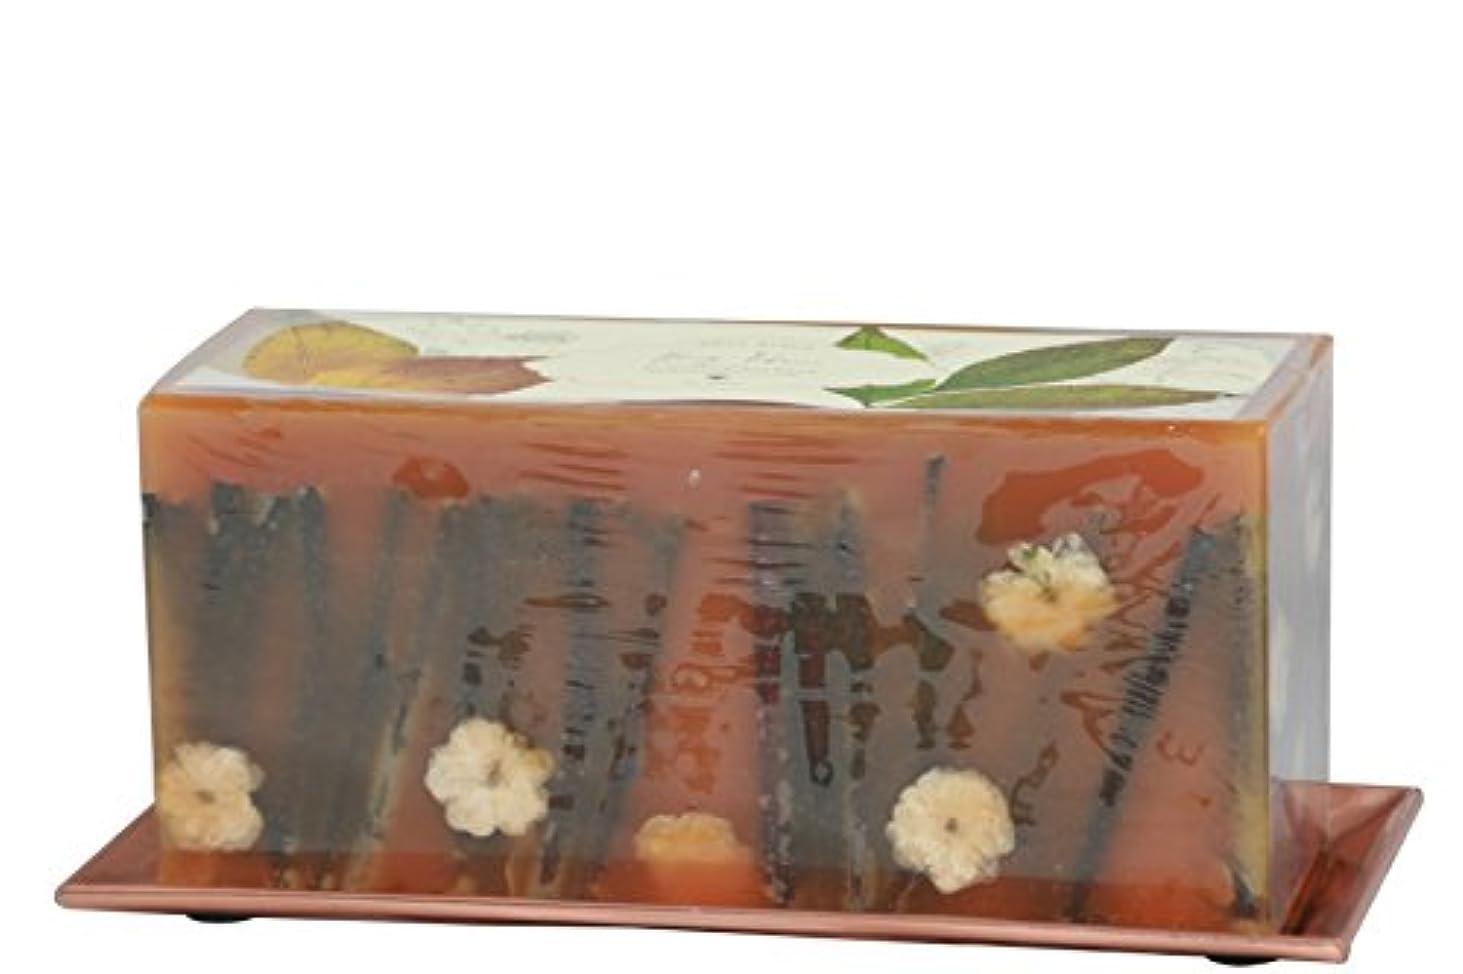 仲人ライド明示的にRosy Rings 3芯レンガ植物キャンドル - 蜂蜜タバコ